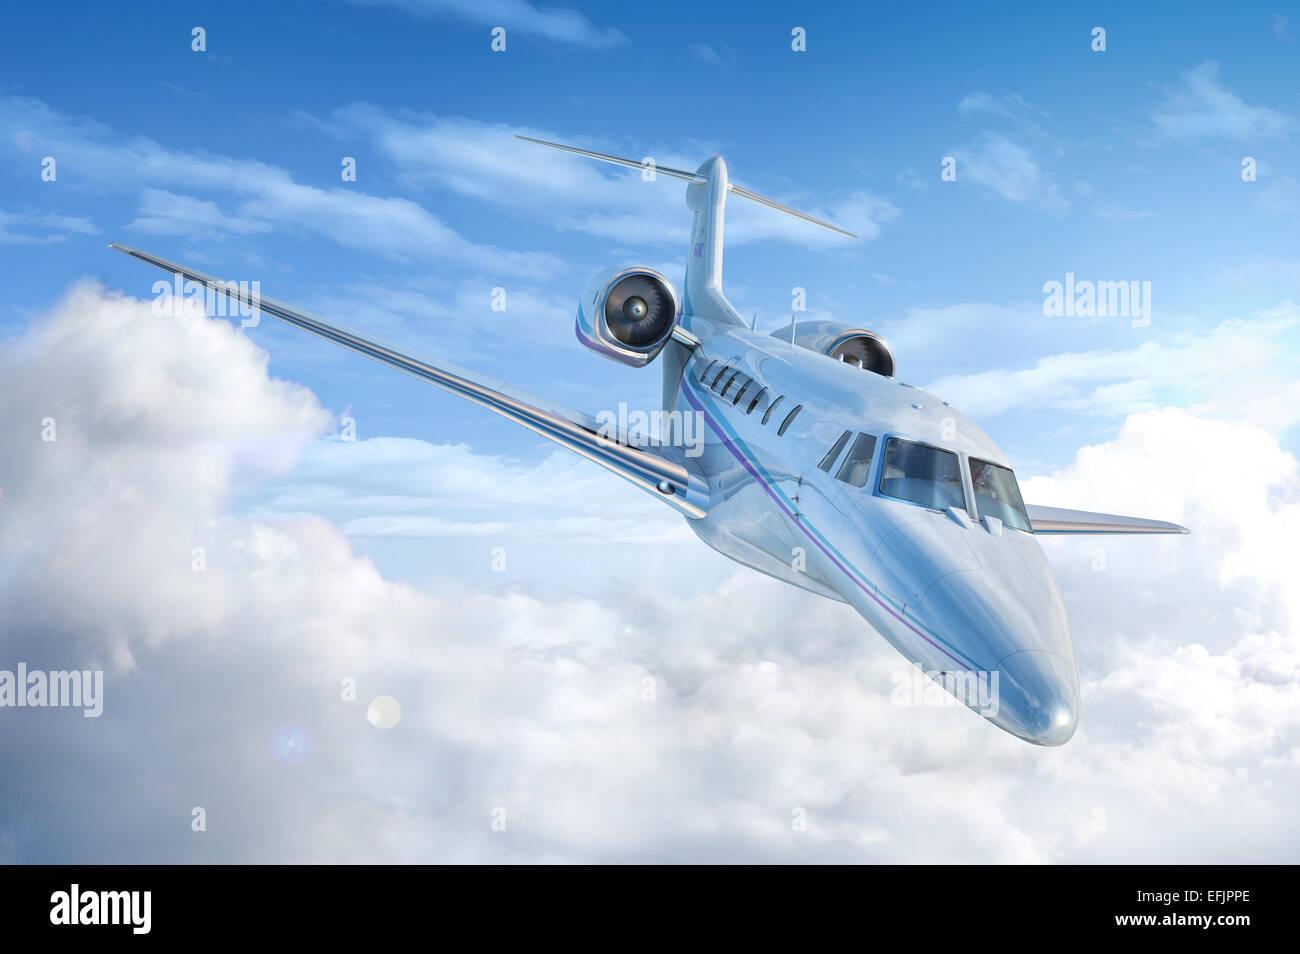 Private Jet Flugzeug fliegen. Perspektive/Vorderansicht. Mit Himmel und Wolken Hintergrund. Stockbild